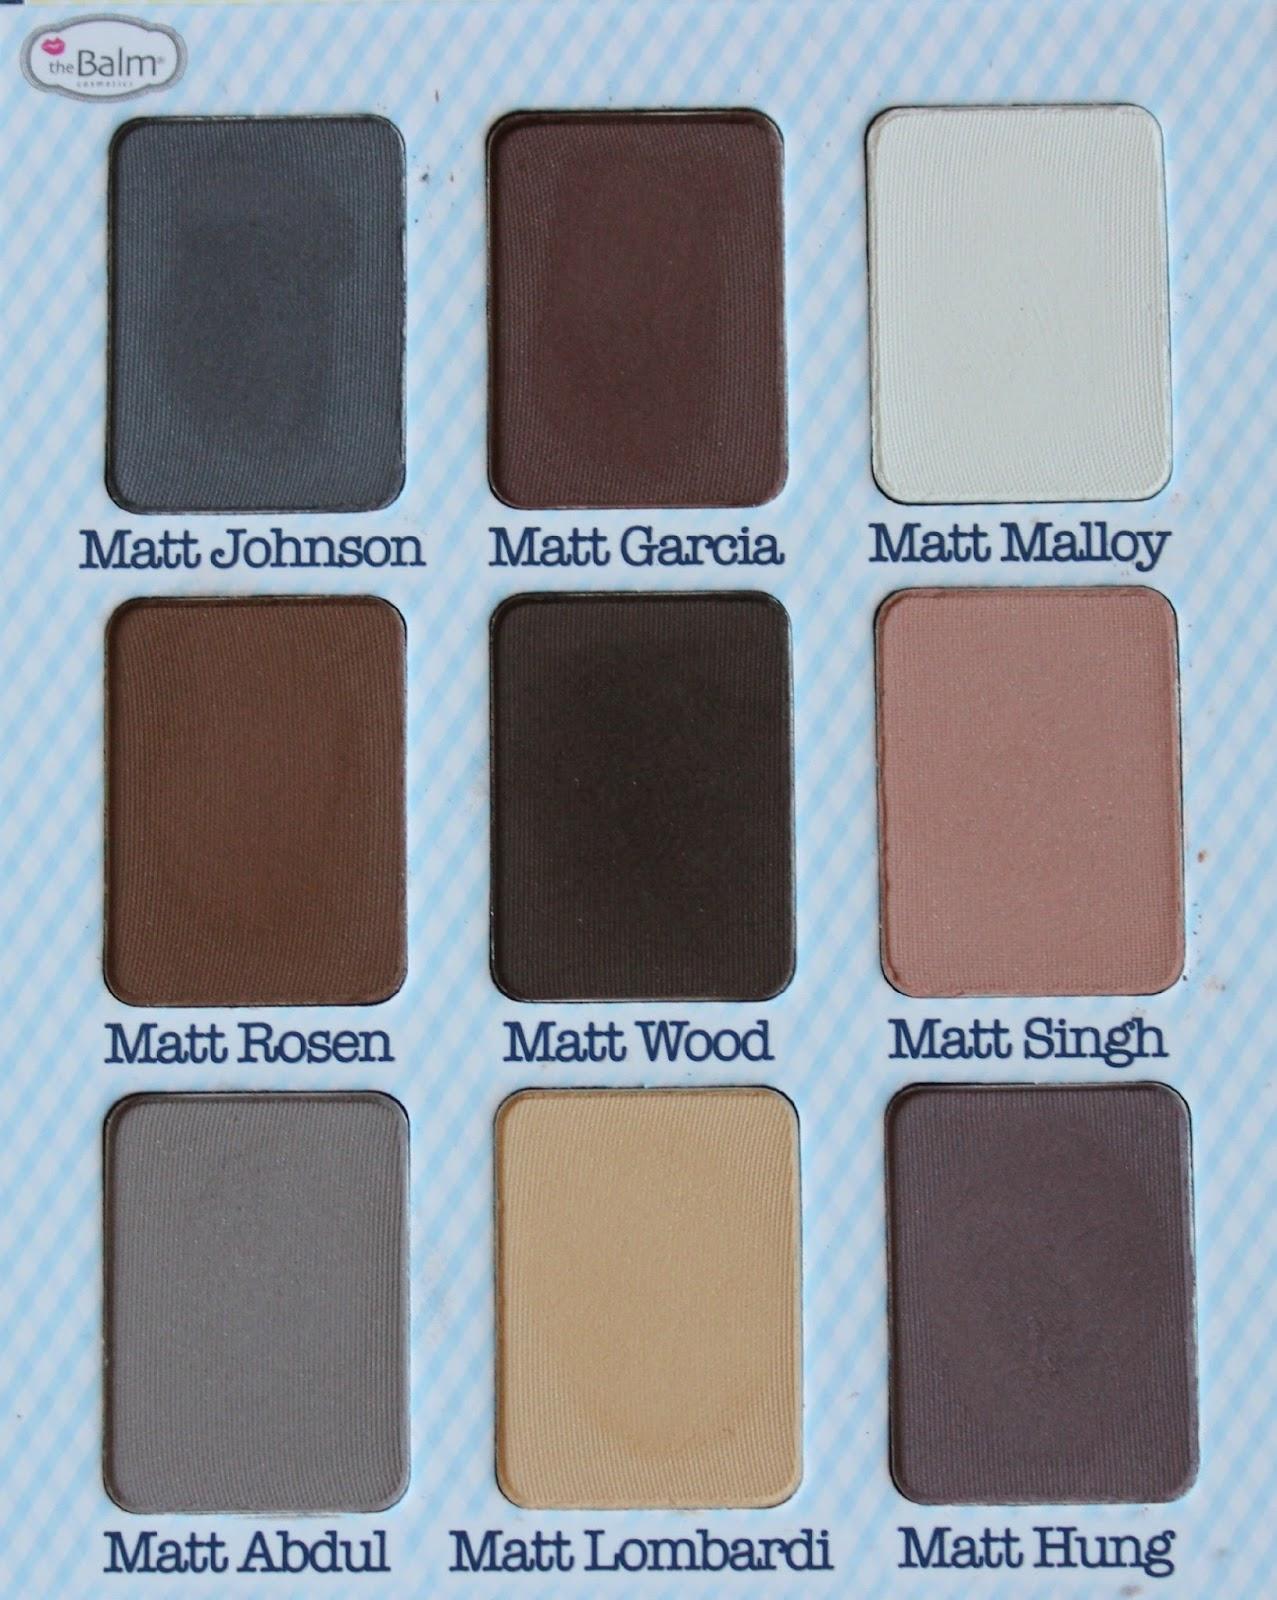 A picture of theBalm Meet Matt(e) Nude